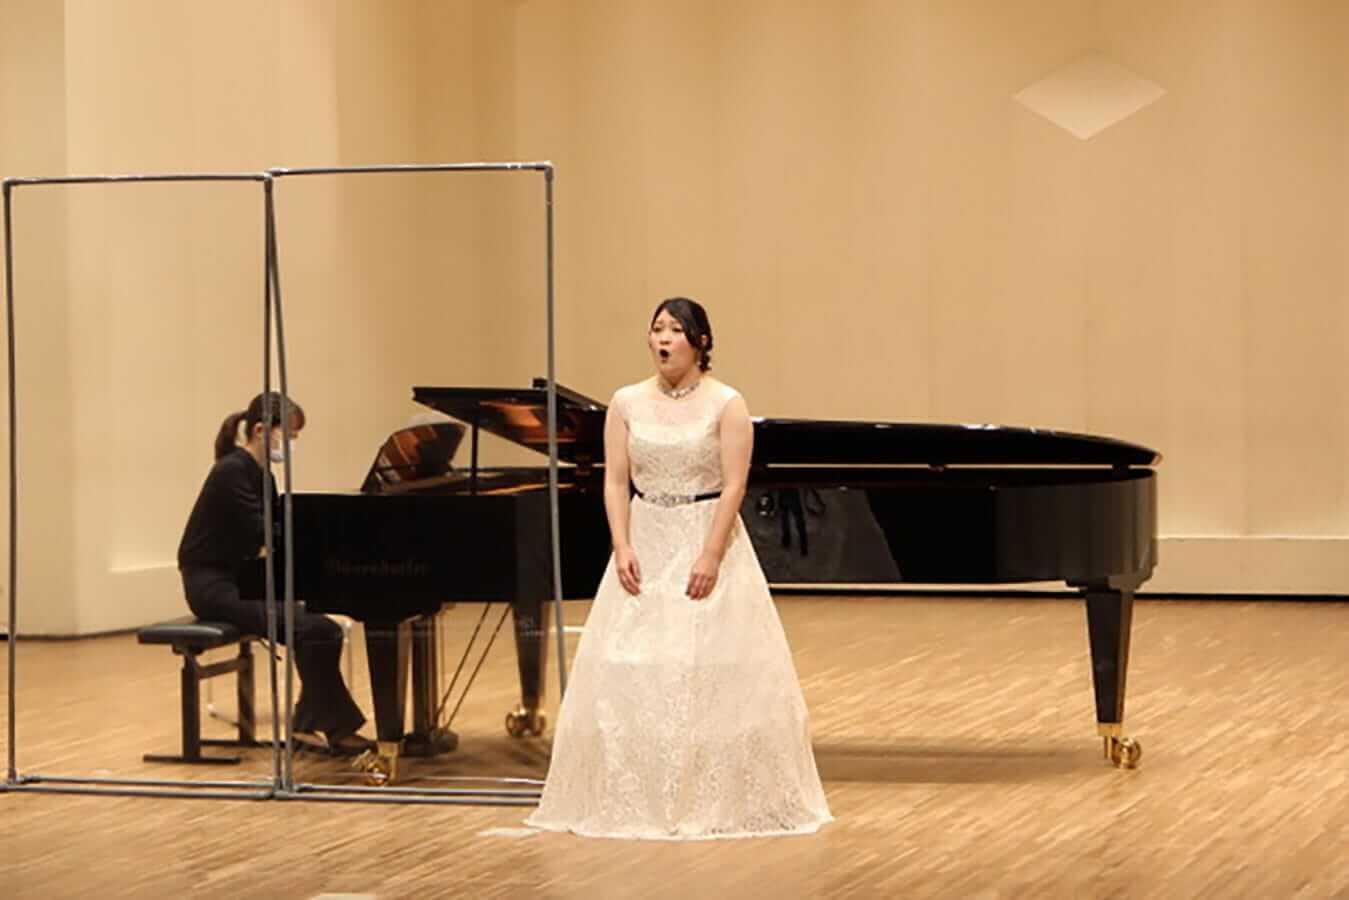 [写真]学内演奏会 ―声楽コース 1・2年次 独唱 3年次 日本歌曲―演奏風景13